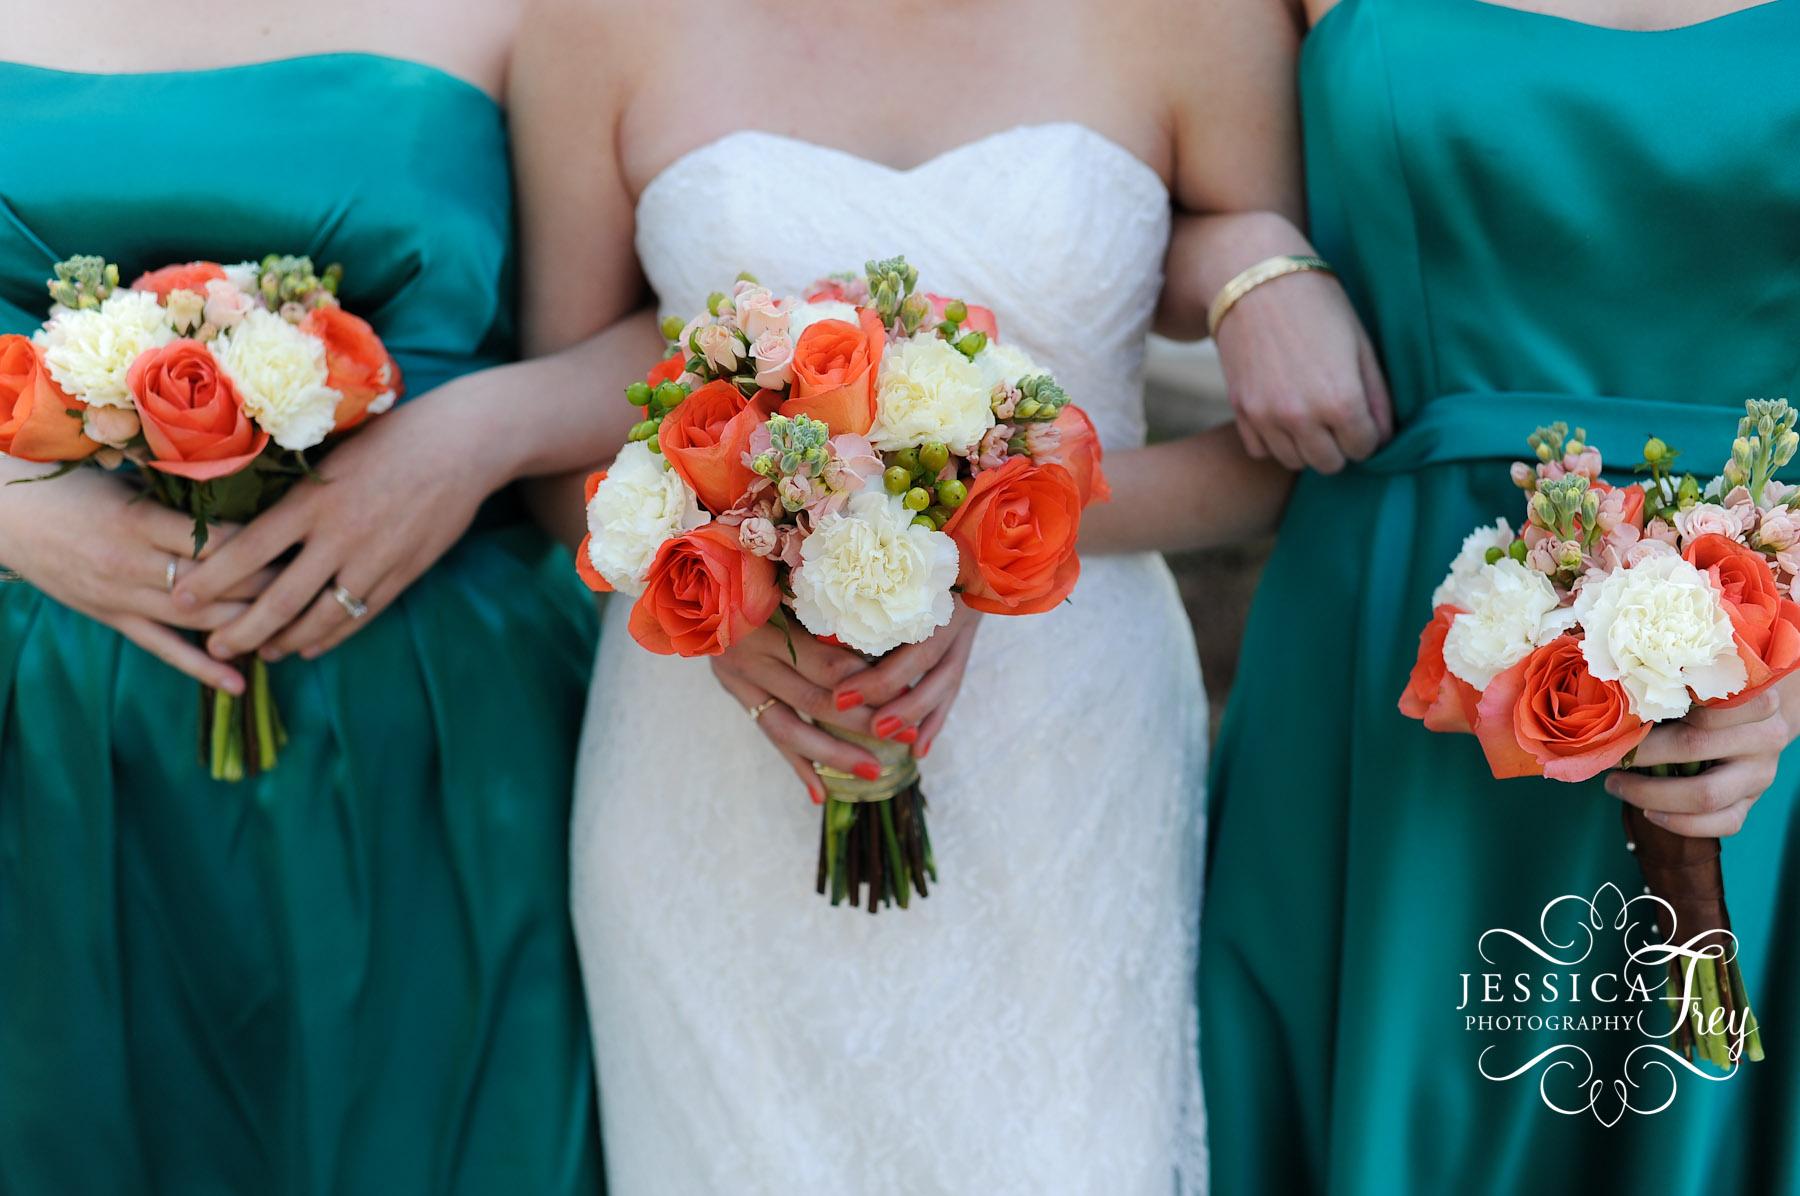 Coral-teal-vintage-wedding-09